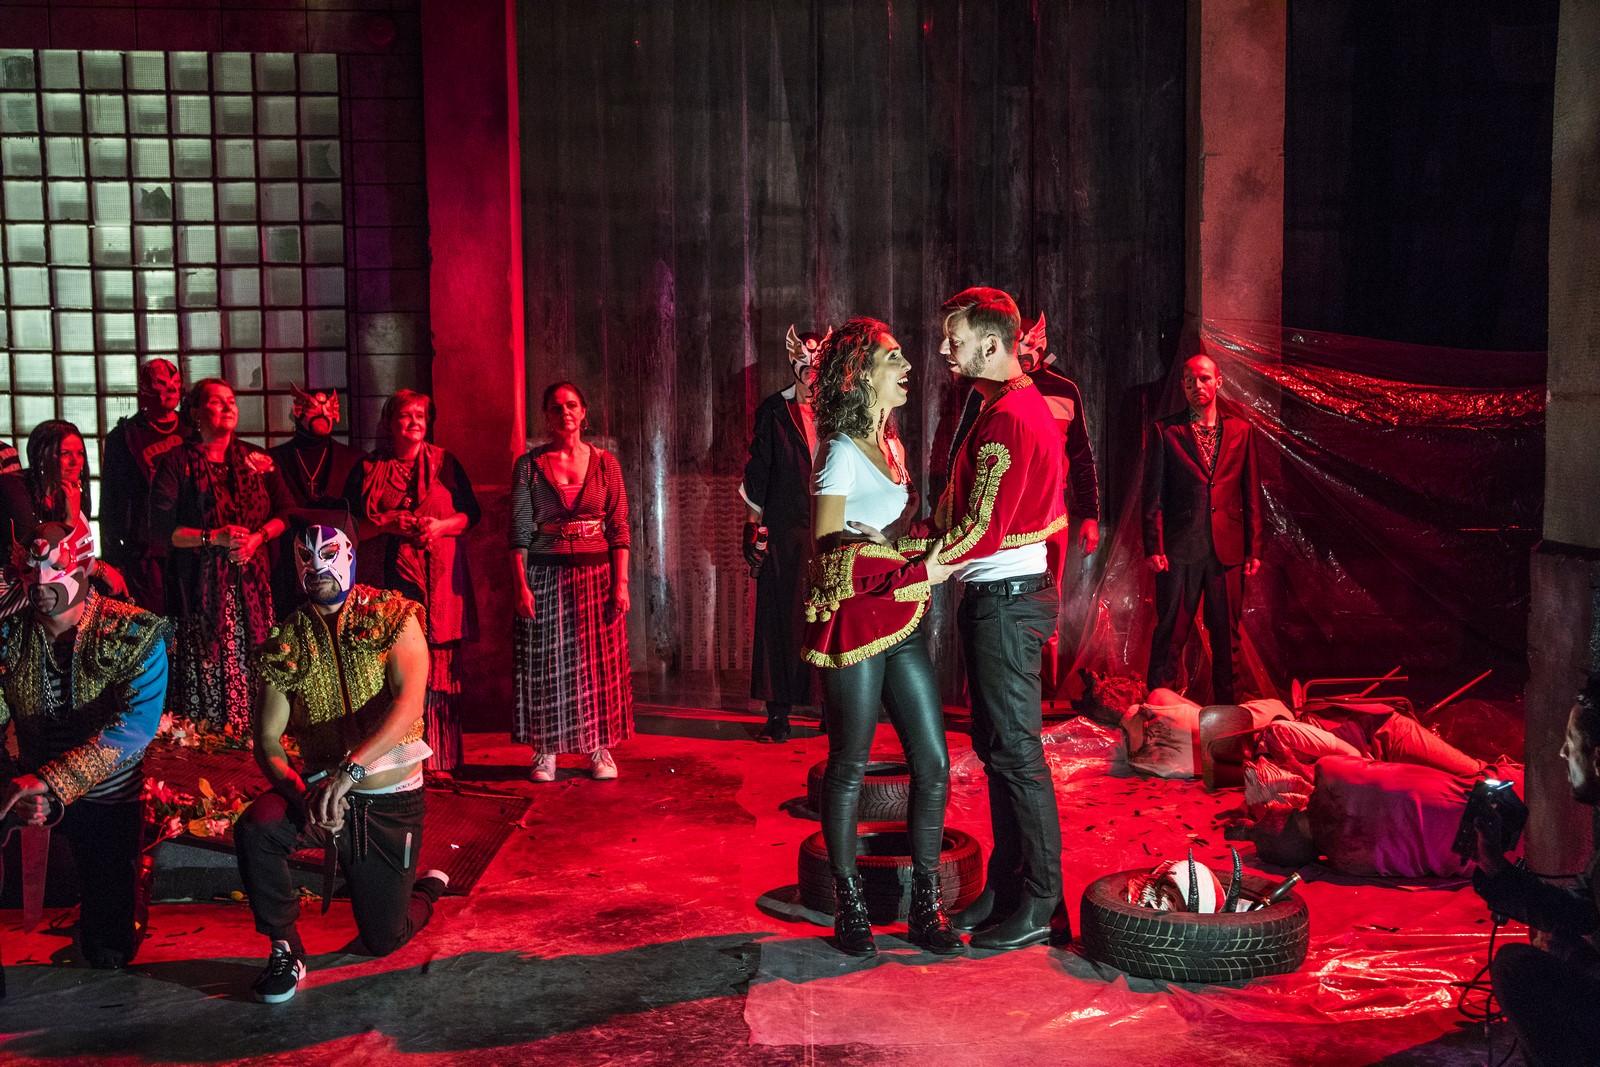 Anmeldelse: Carmen, Det Kongelige Teater (Den Jyske Opera)